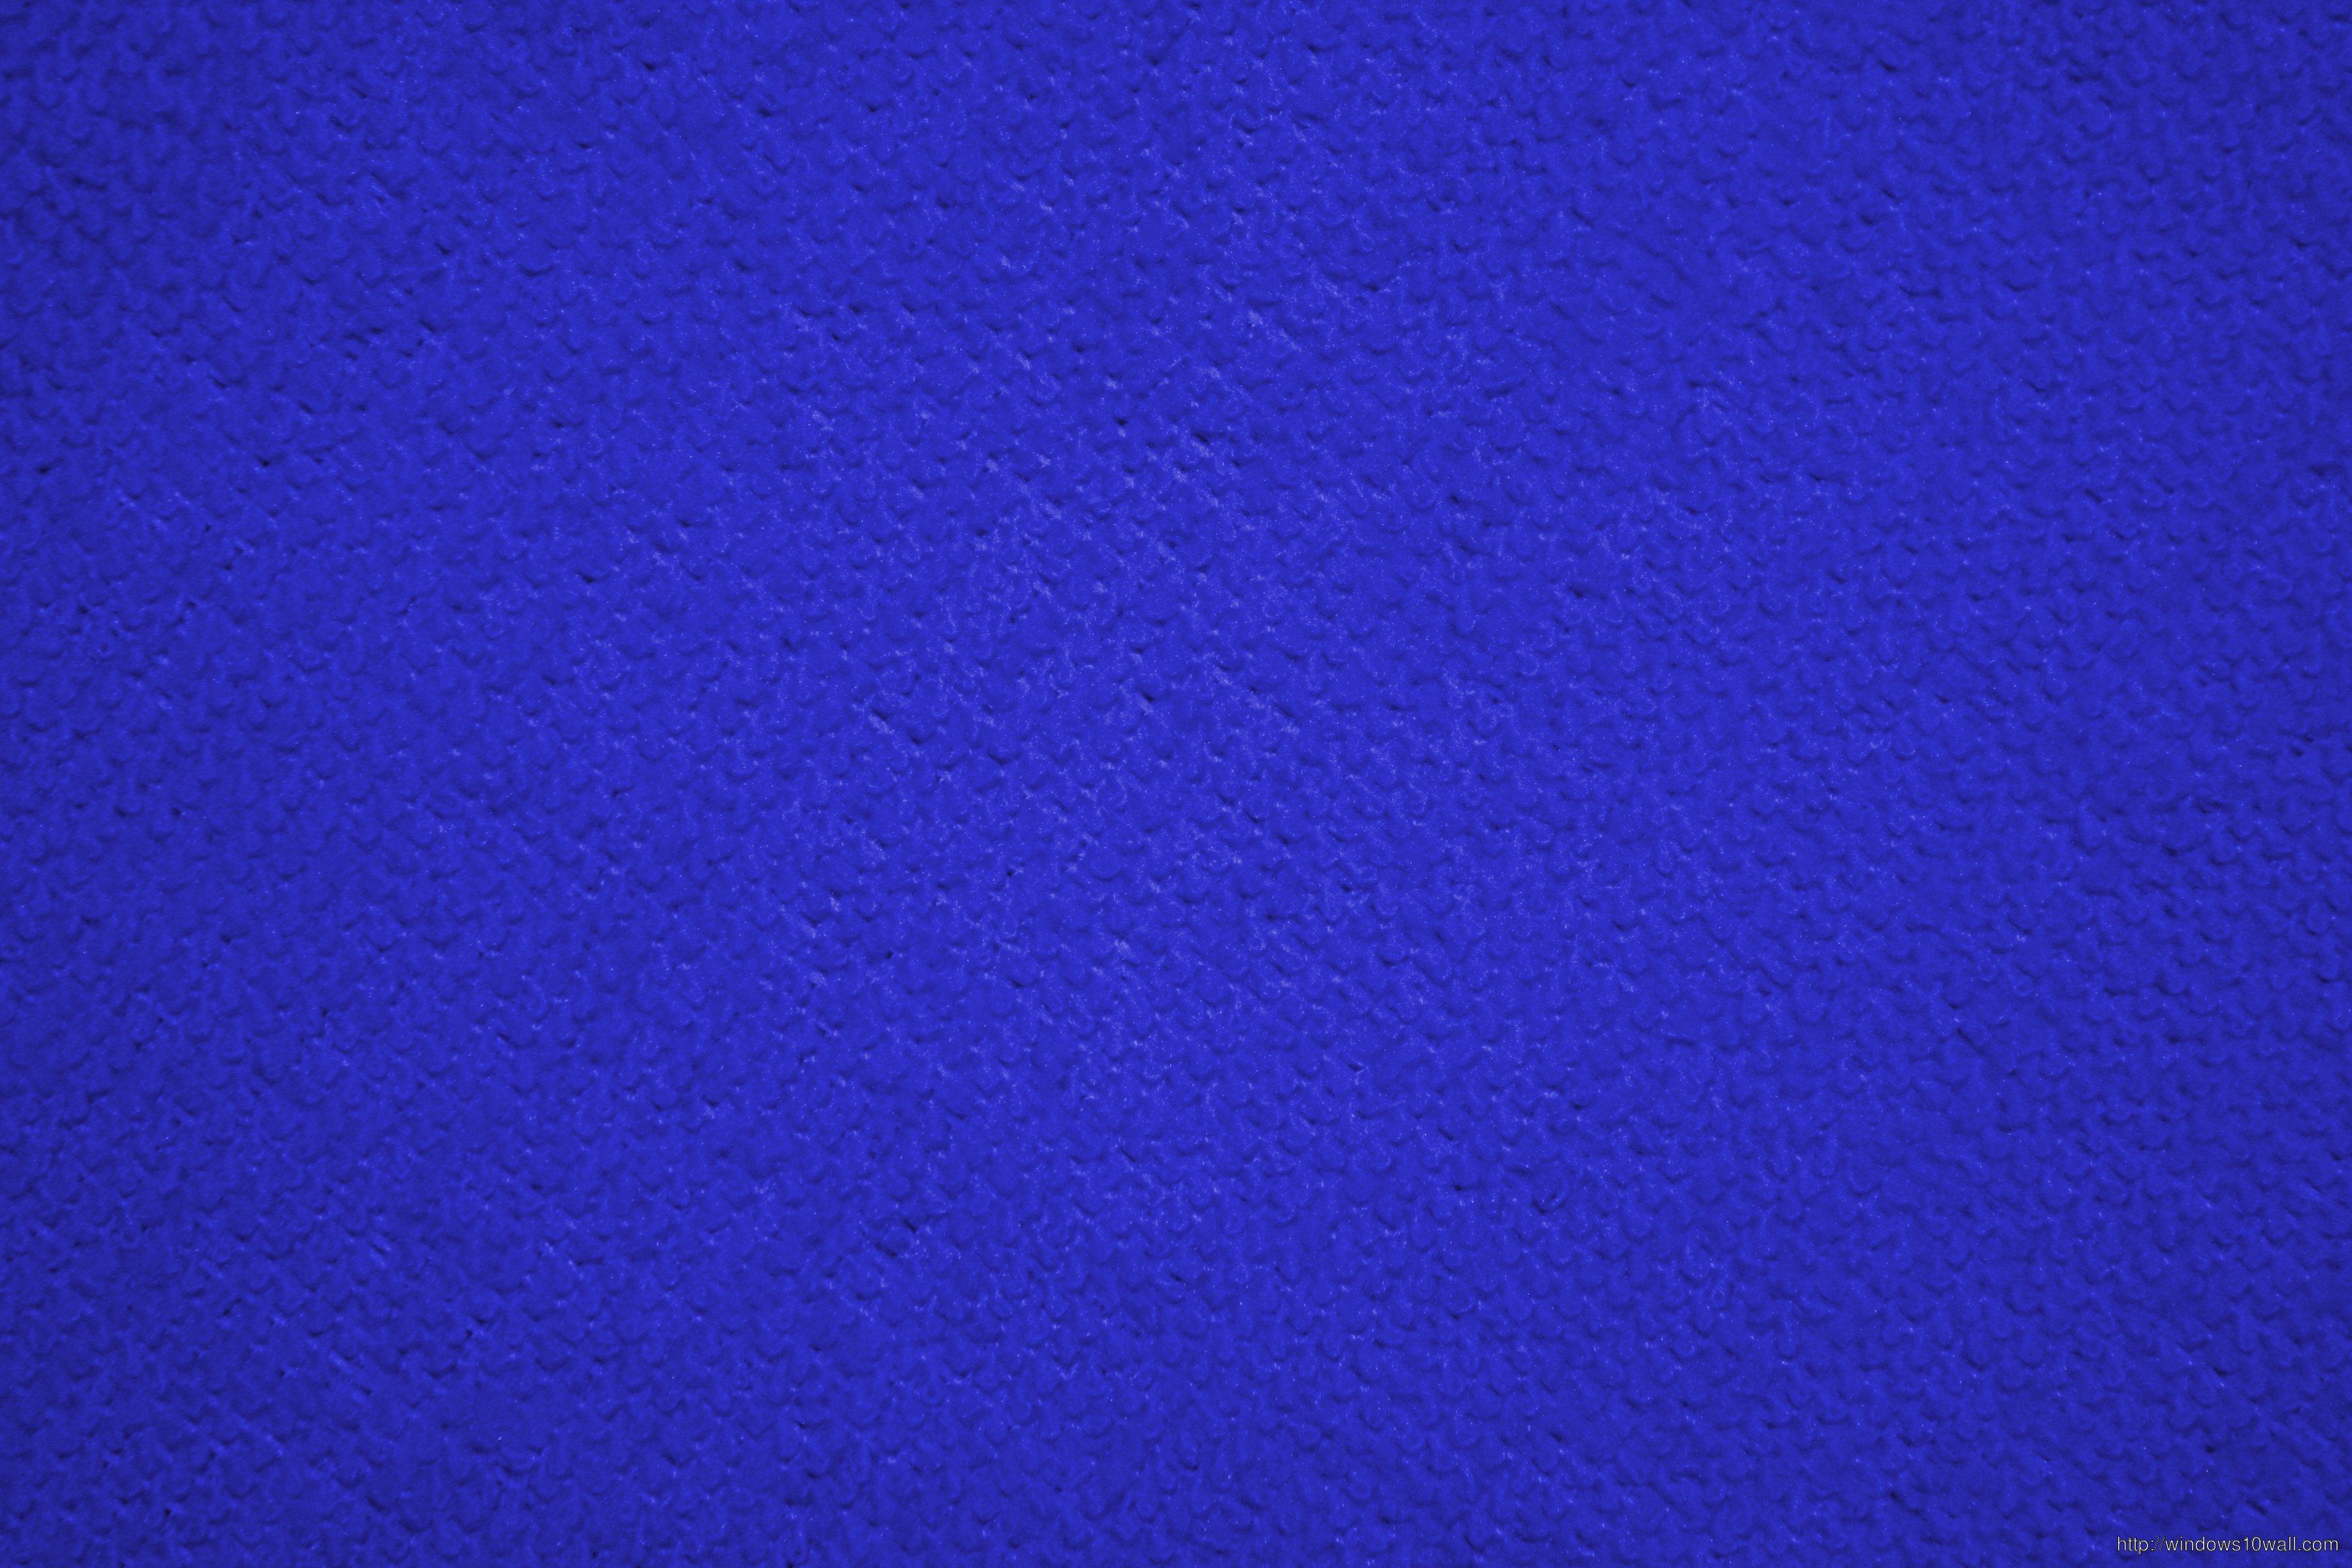 Cobalt Blue Abstract Wallpaper: Cobalt Blue Texture Background Wallpaper